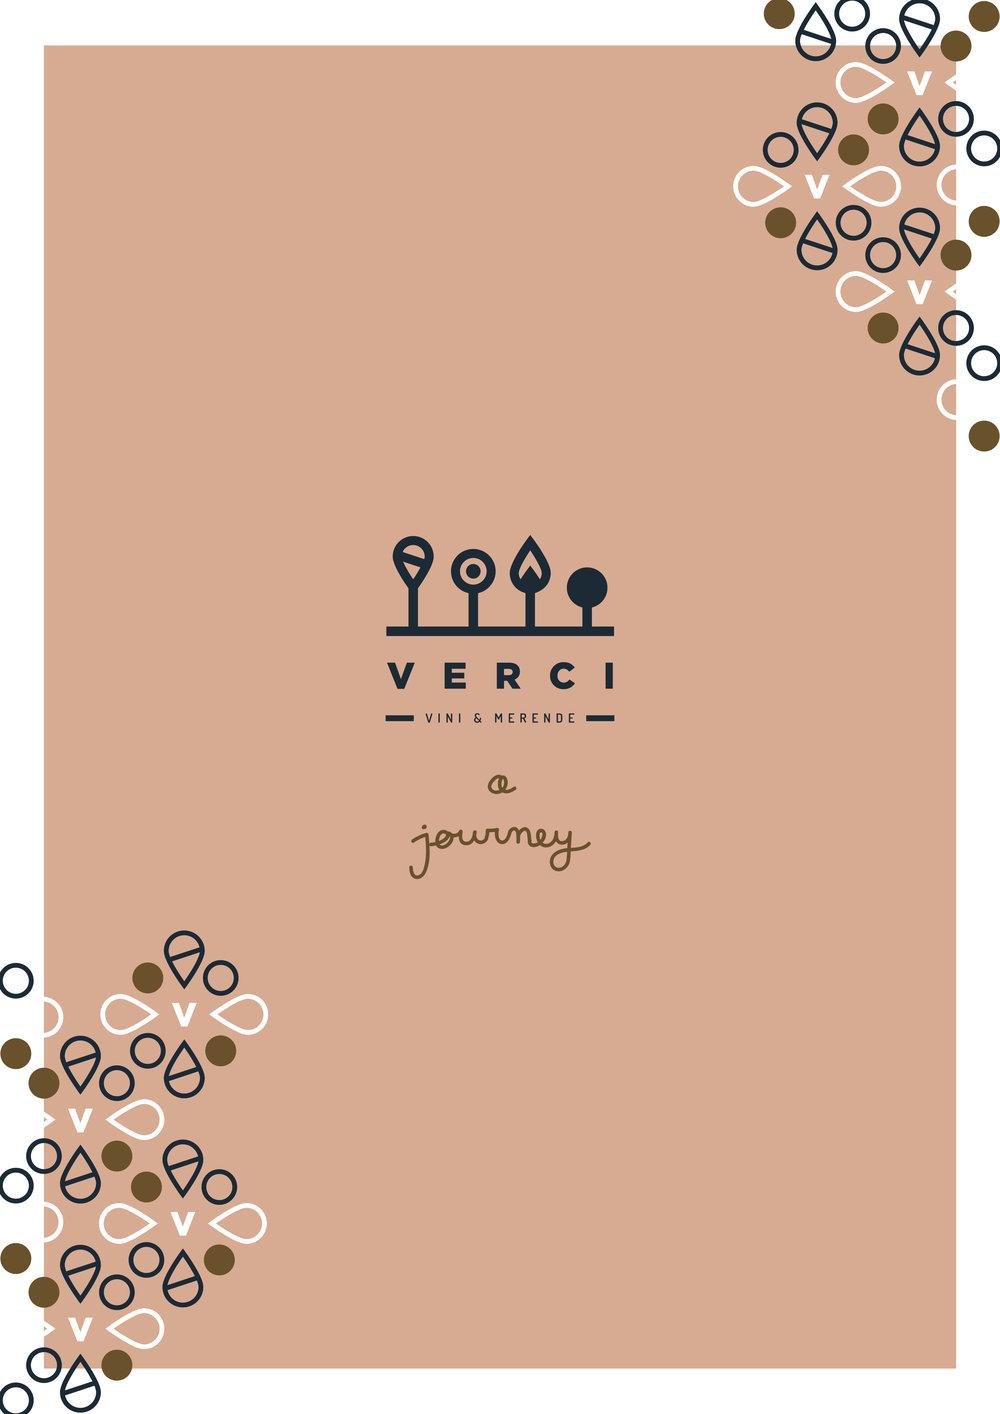 Secondo premio  Titolo del progetto: Verci. A Journey  Progettista: Flavia D'Anna. FADA FULL  Committente: Maurizio Verducci